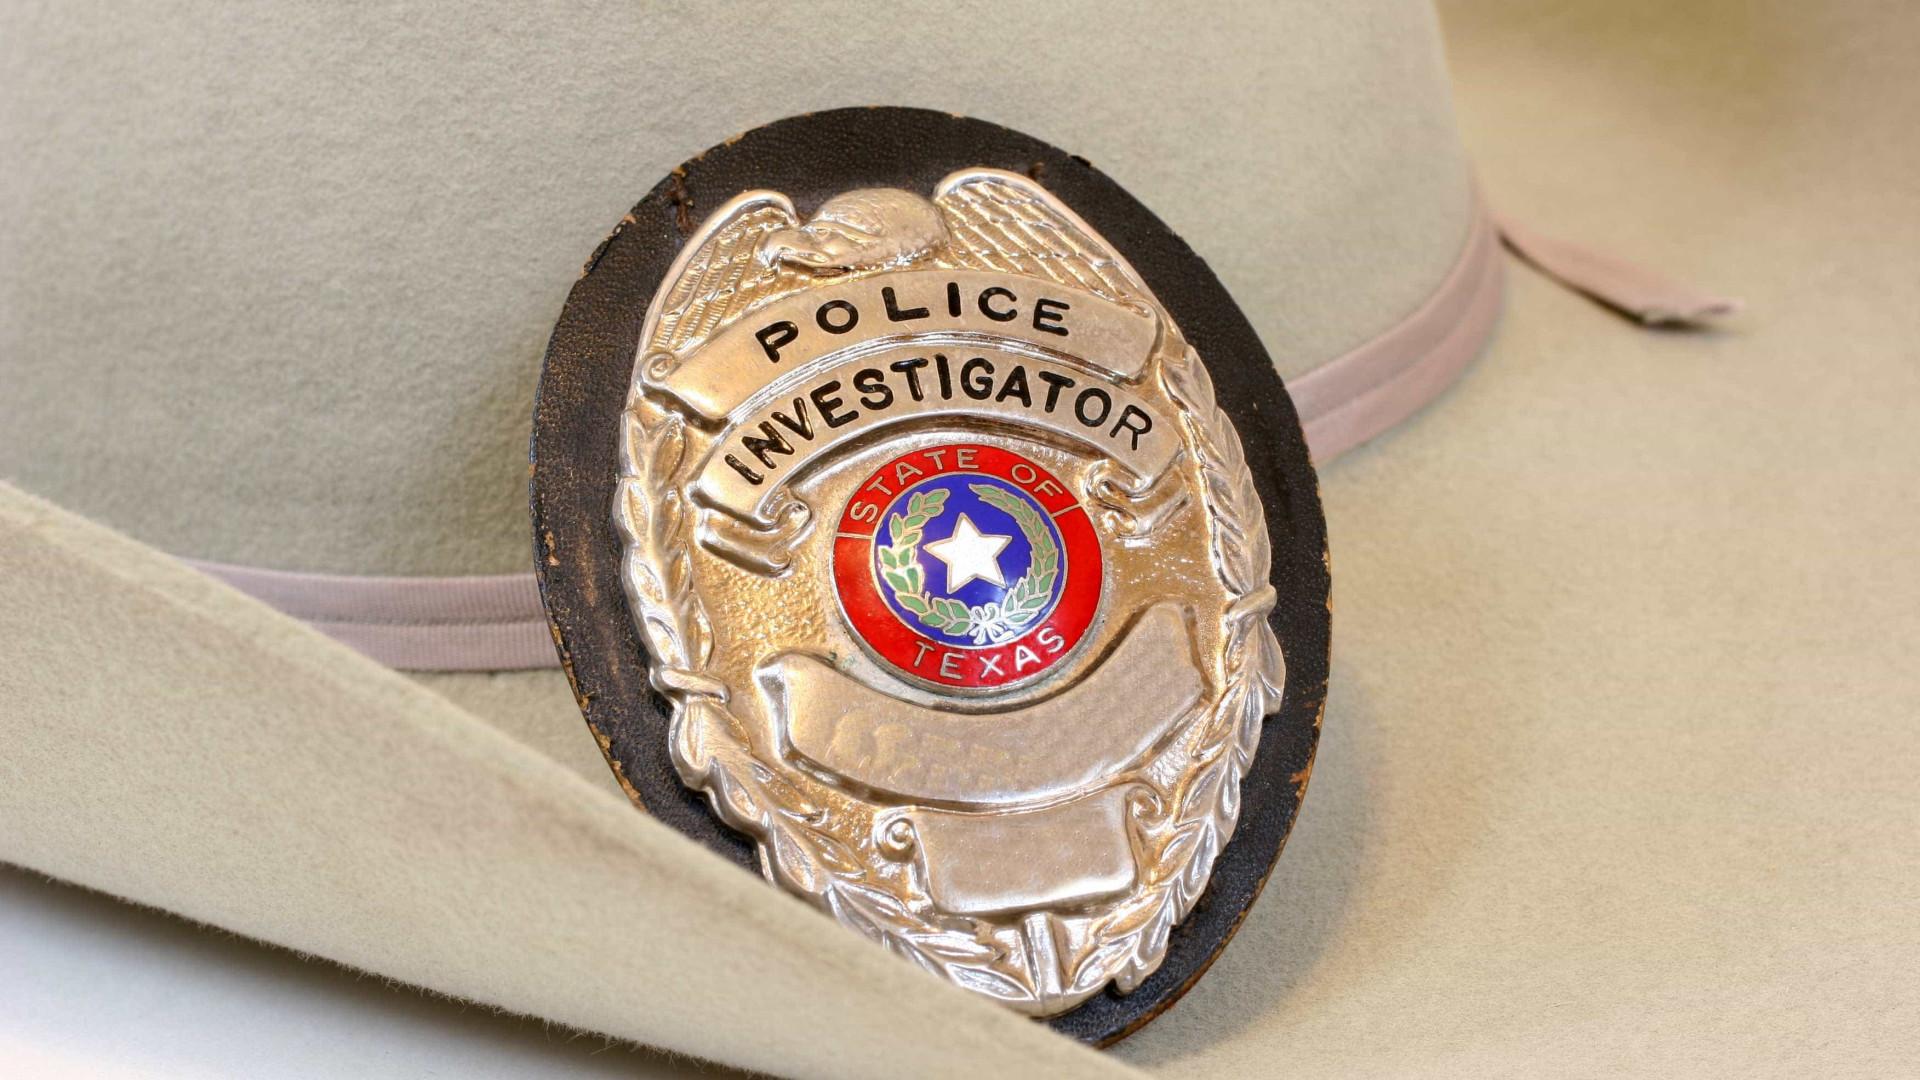 Polícia a trabalhar sob disfarce morre em tiroteio no Texas